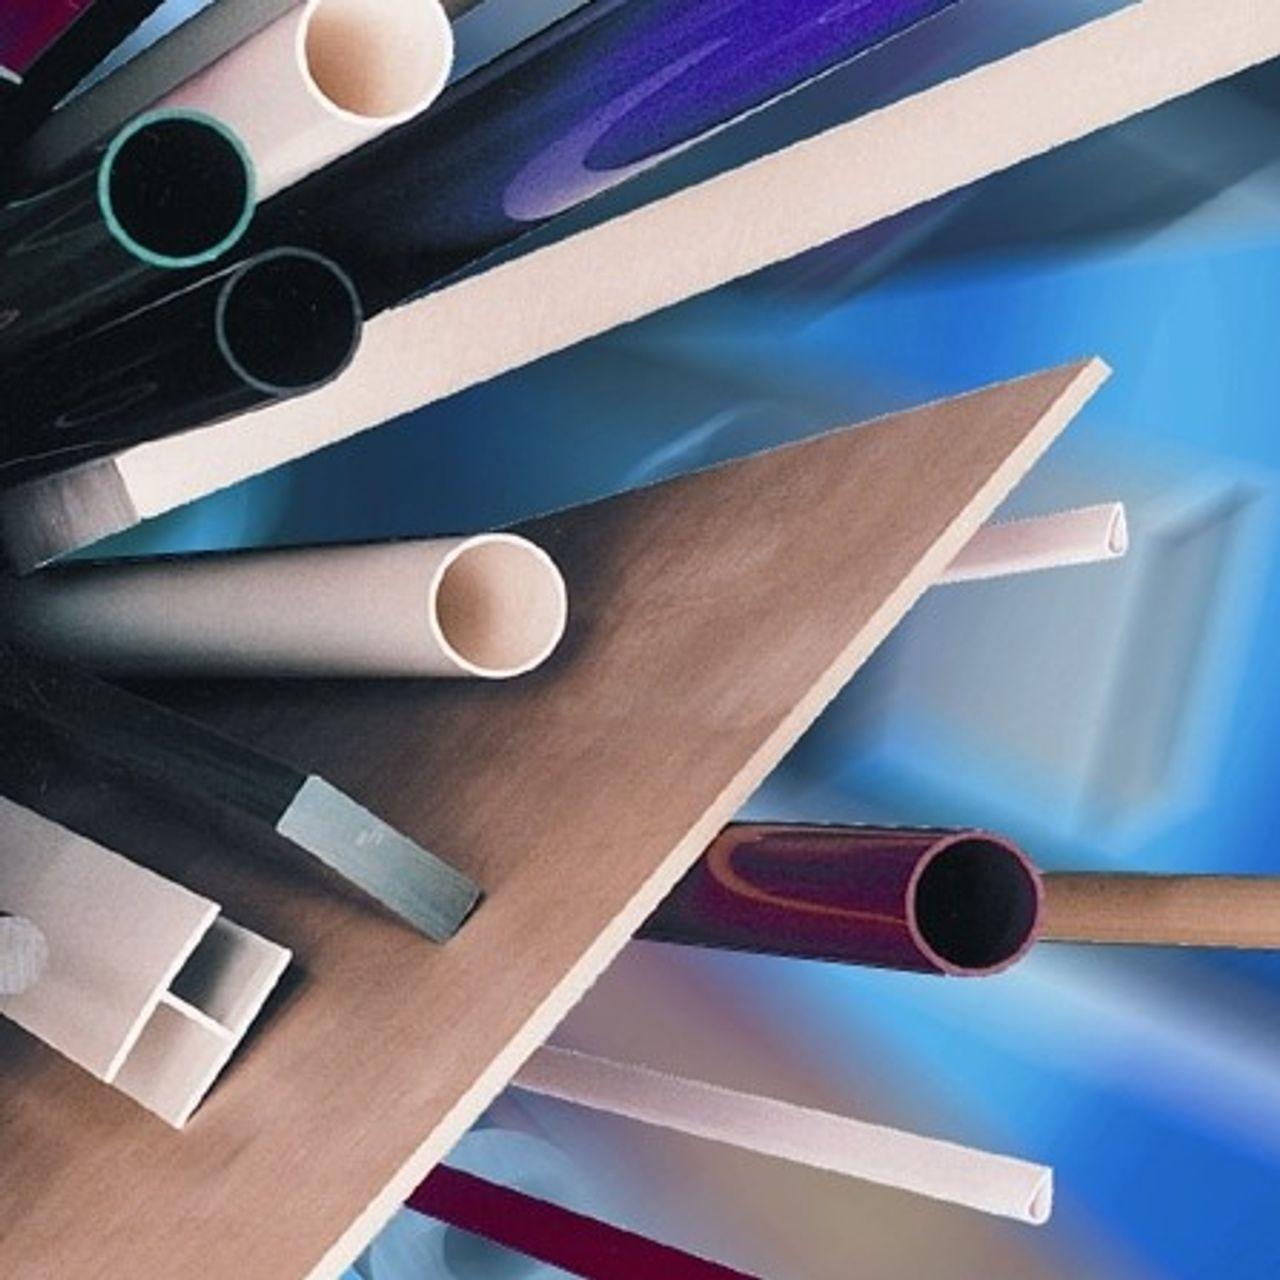 PVC-U kunststof profielen (Polyvinylchloride)